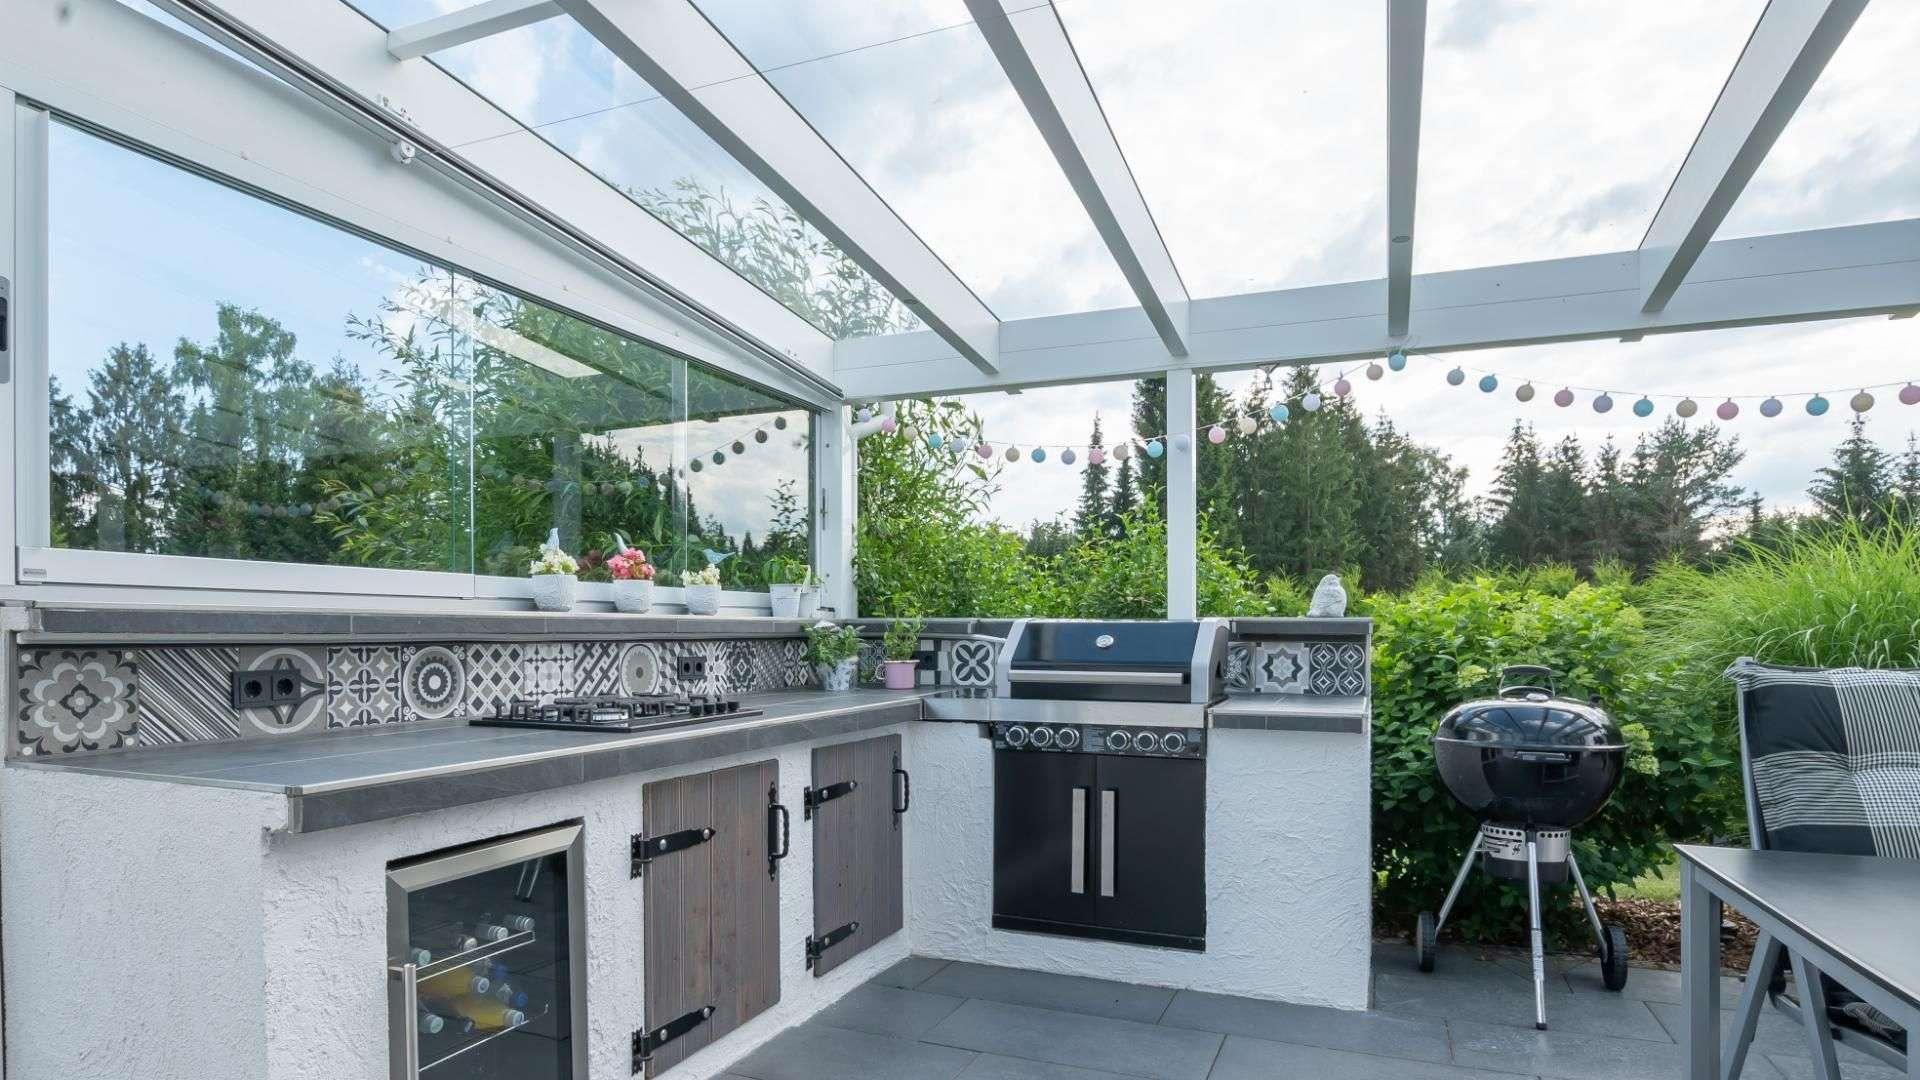 Innenansicht eines Terrassendach in Jesteburg mit Outdoorküche